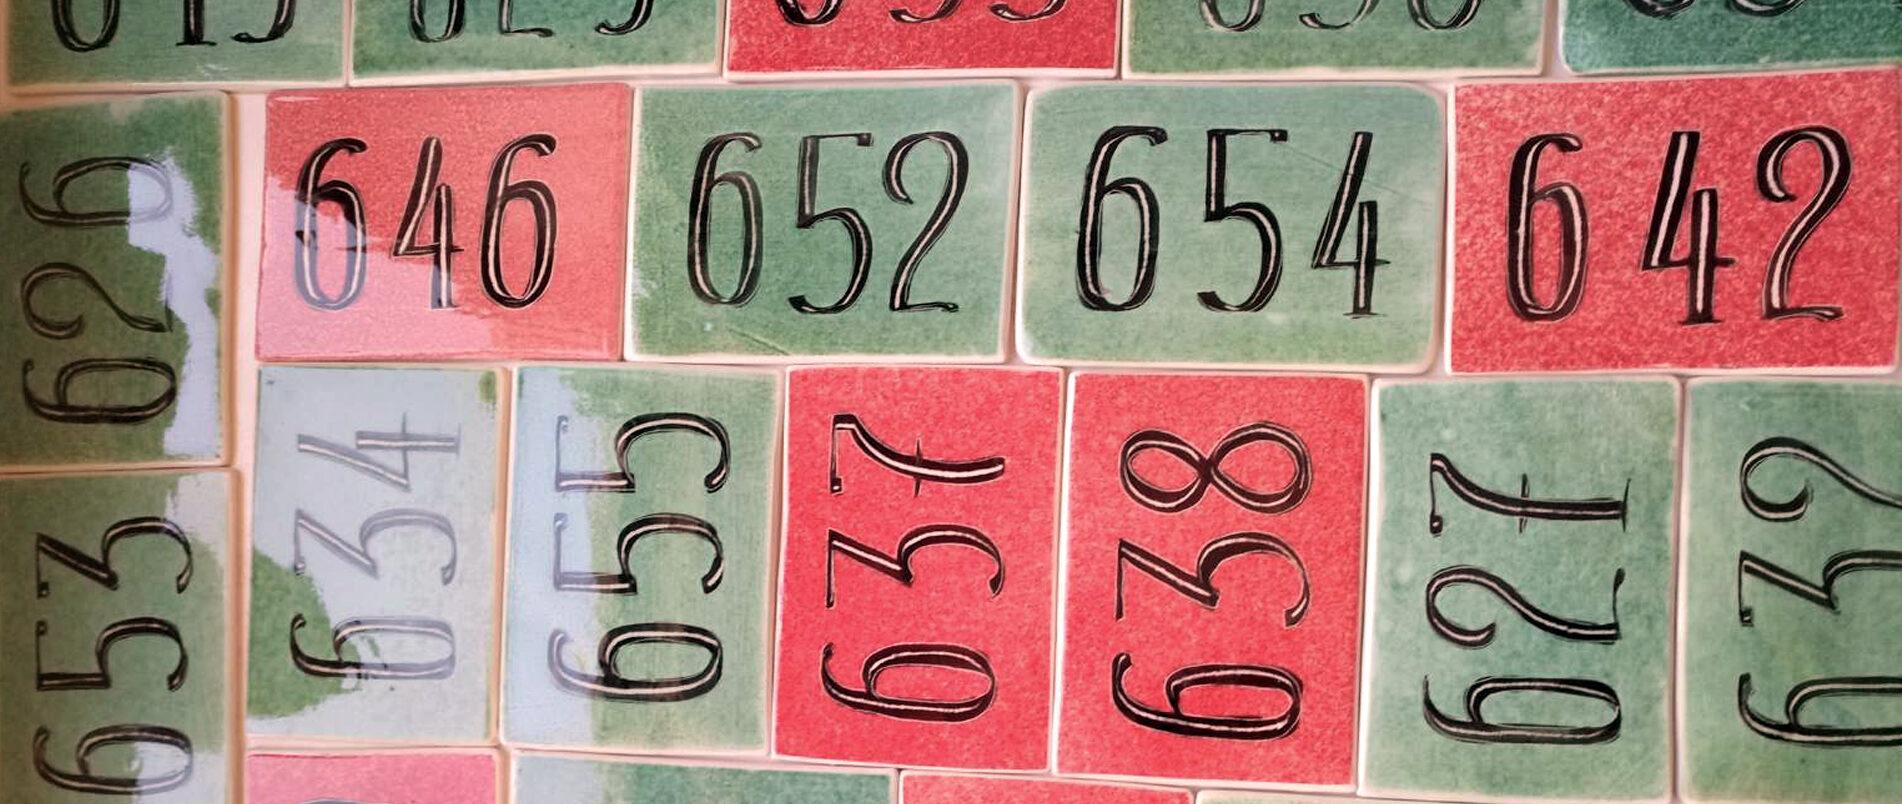 πινακίδες νούμερα δωματίων